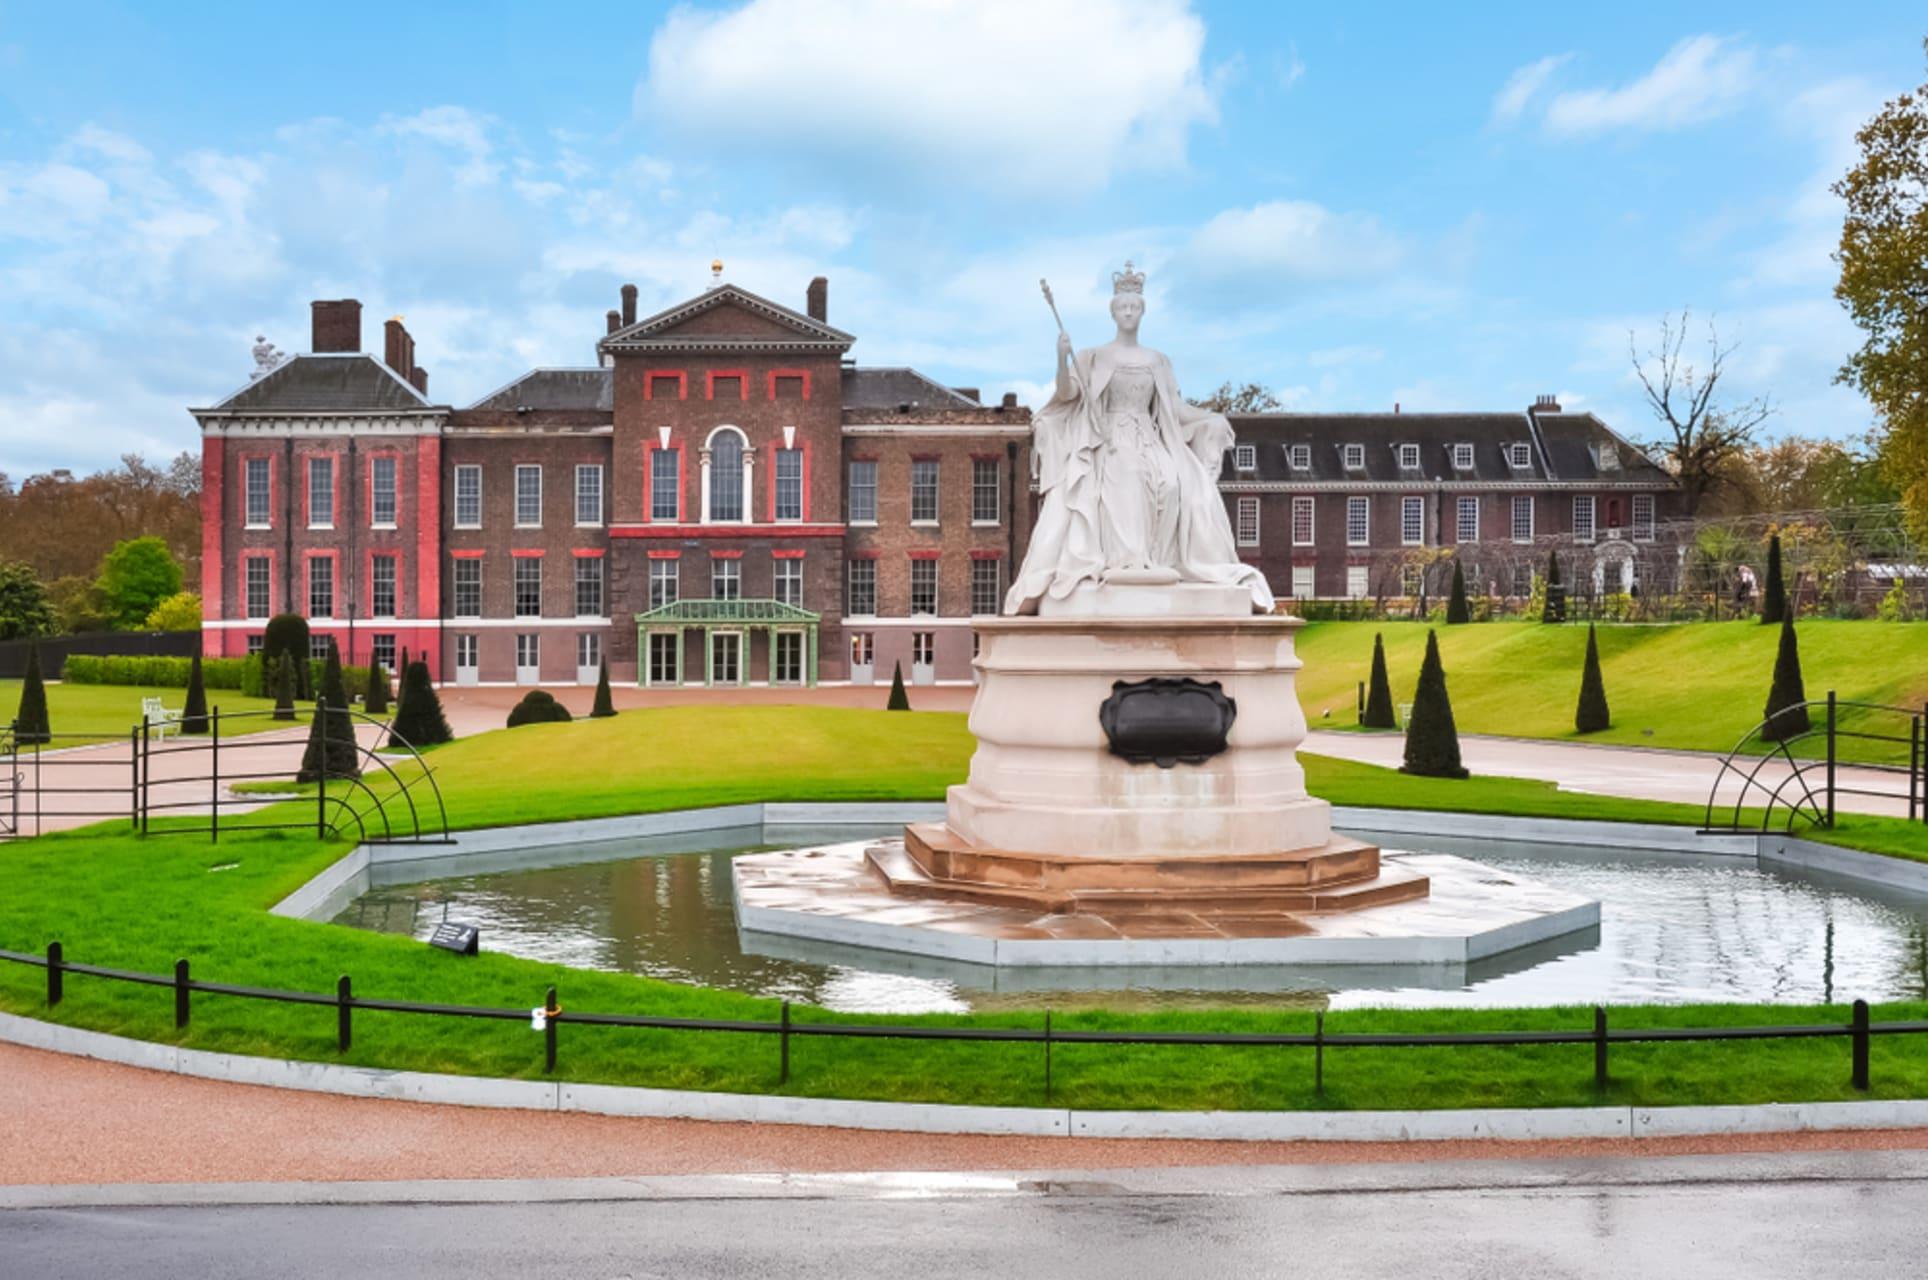 London - Kensington Palace and Gardens